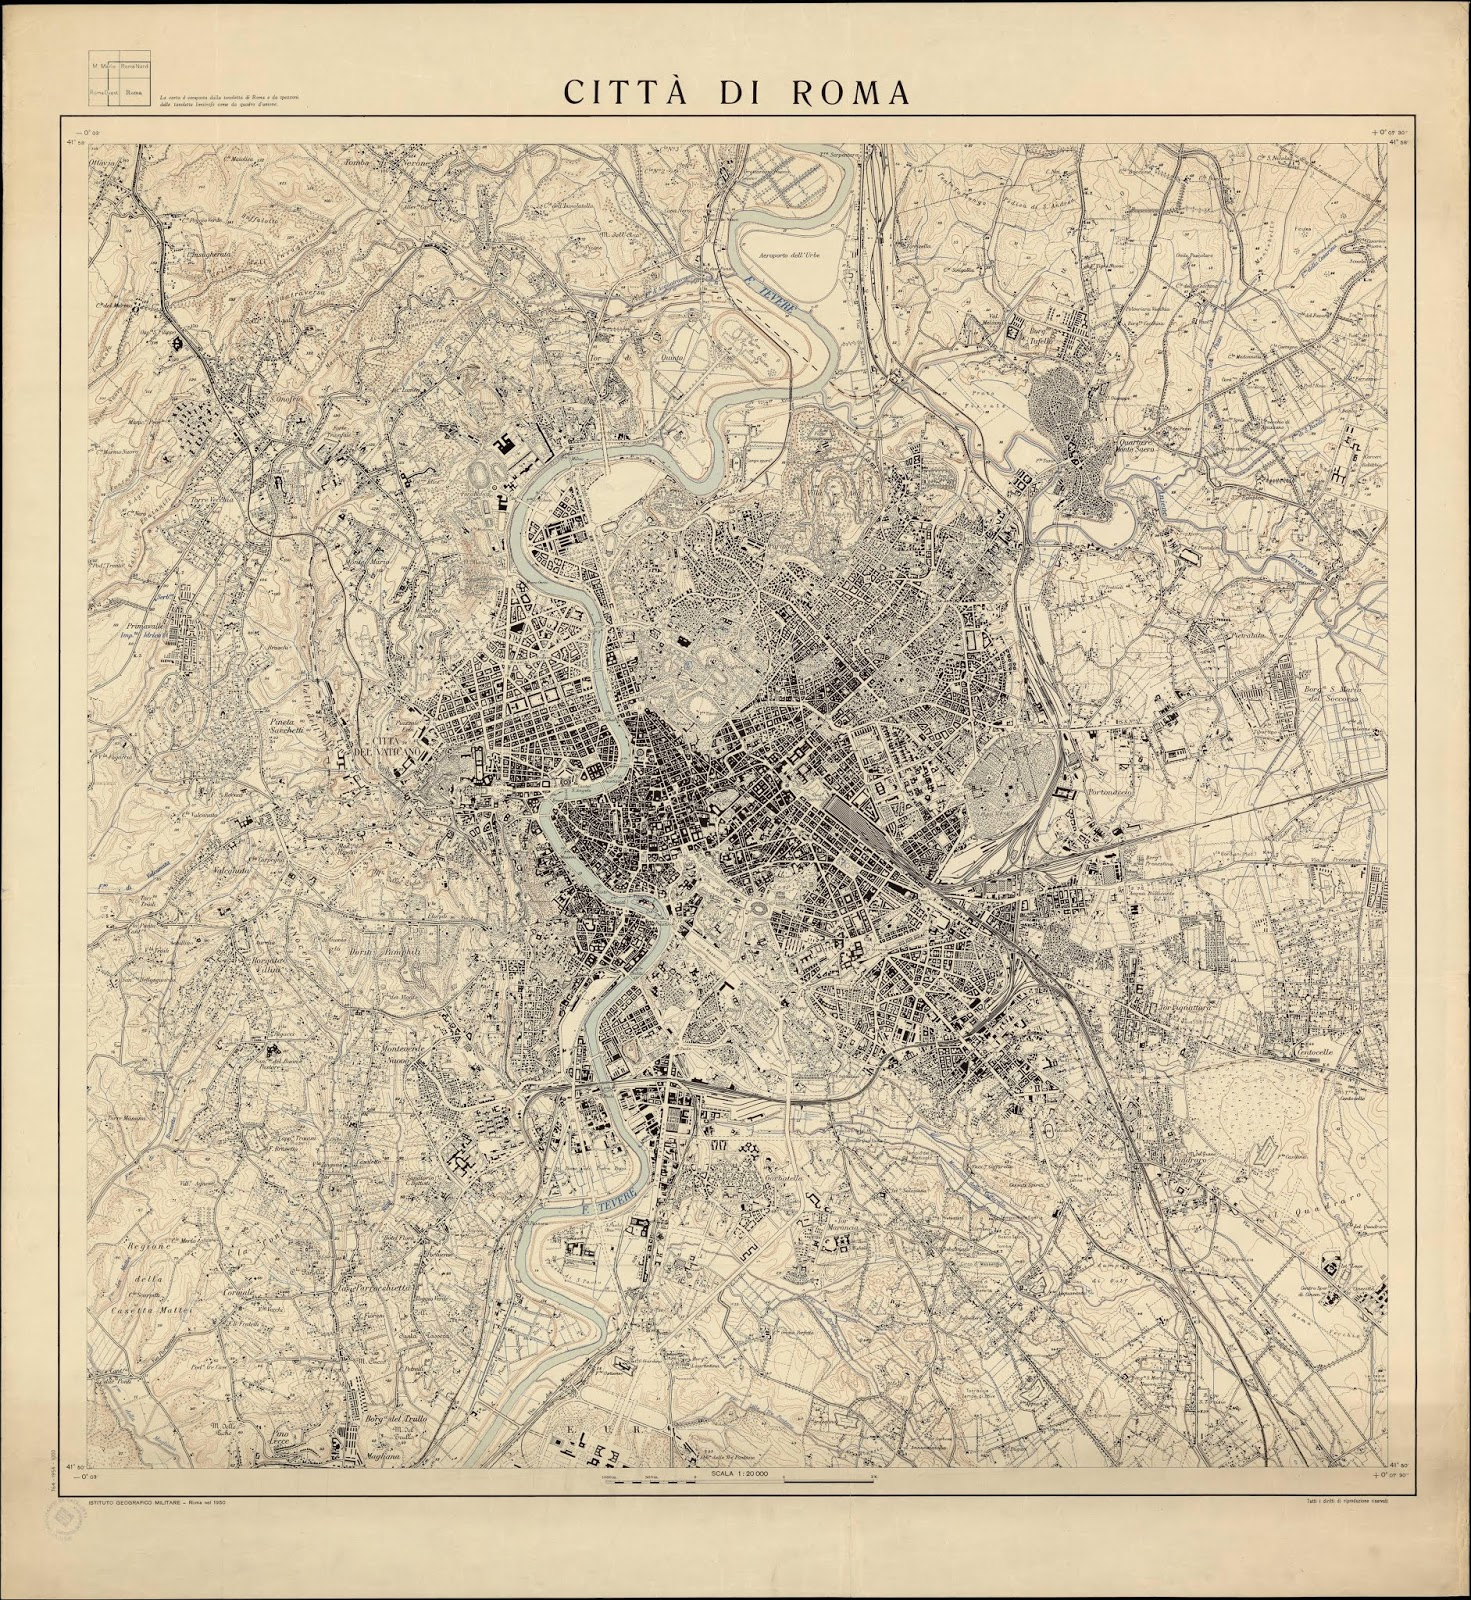 Cartina D Roma.Rerum Romanarum Mappa Di Roma Dell Istituto Geografico Militare 1950